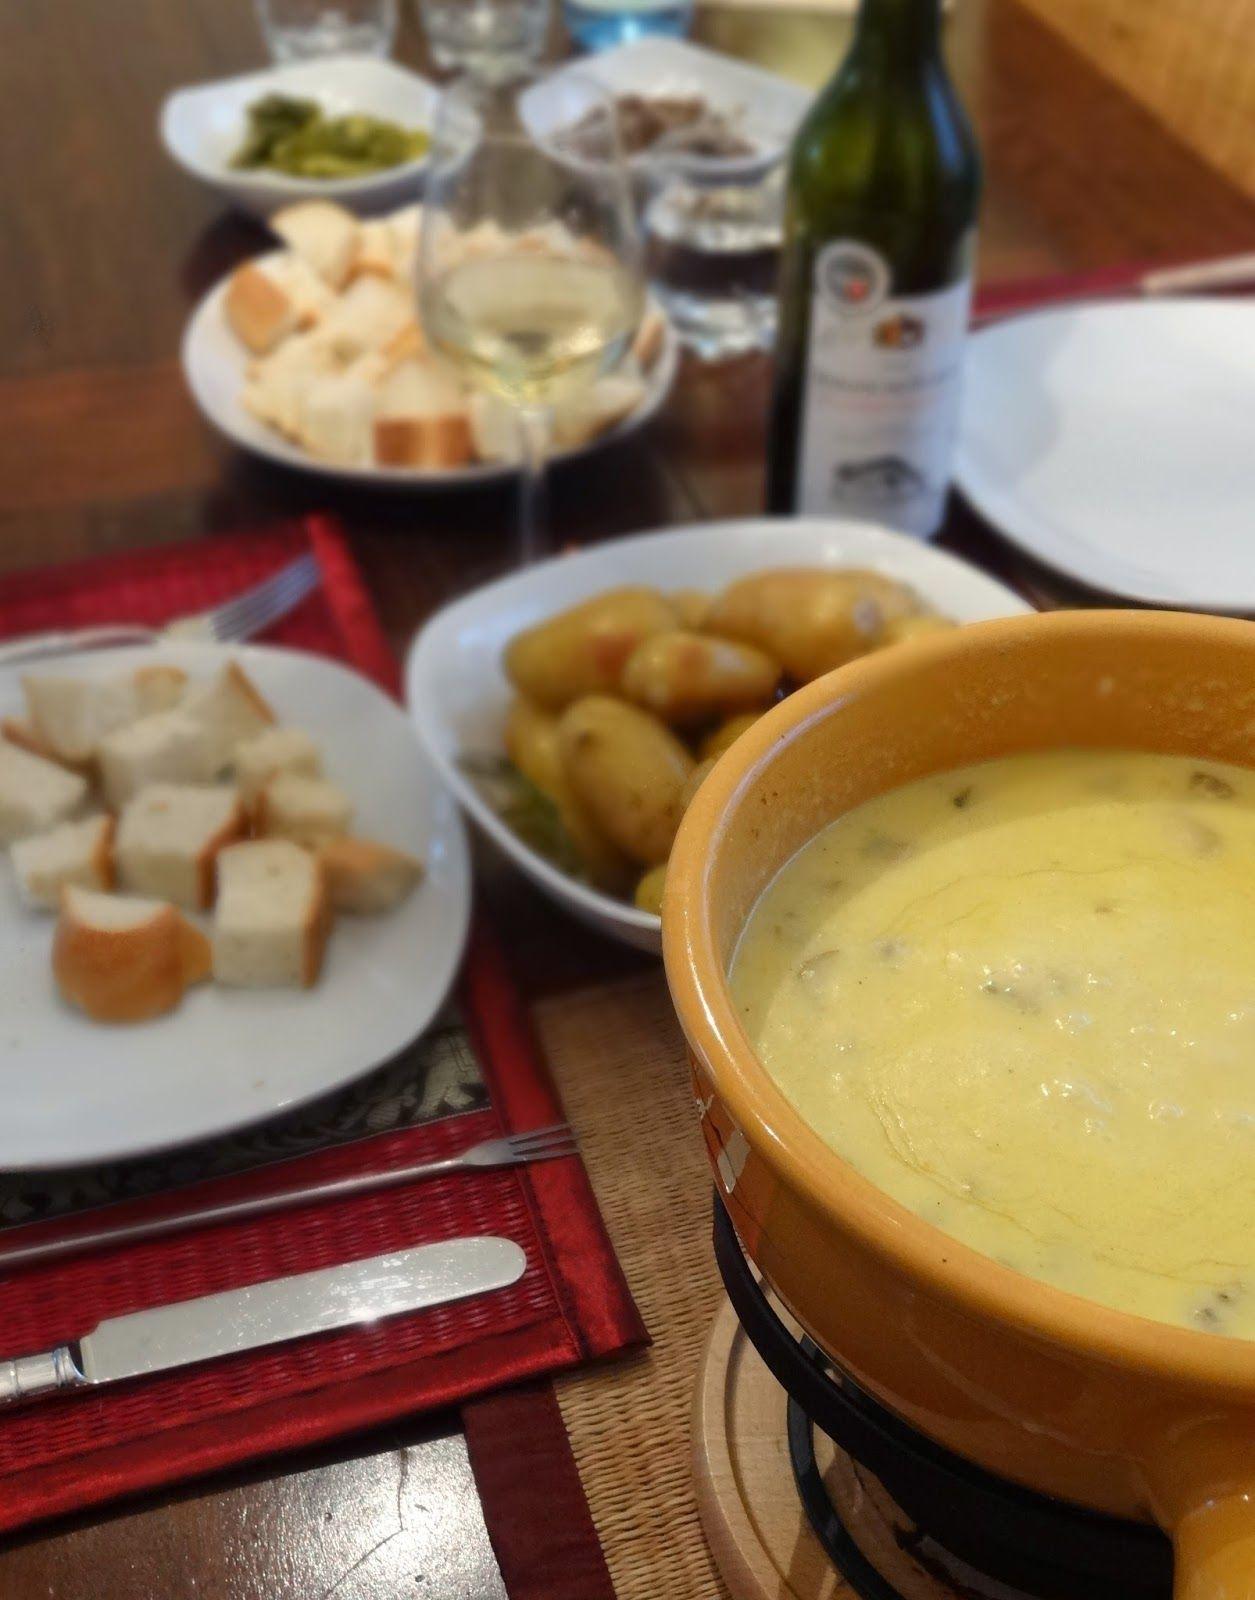 teufels k che h llisch gut schweizer k sefondue food pinterest fondue essen and dressings. Black Bedroom Furniture Sets. Home Design Ideas